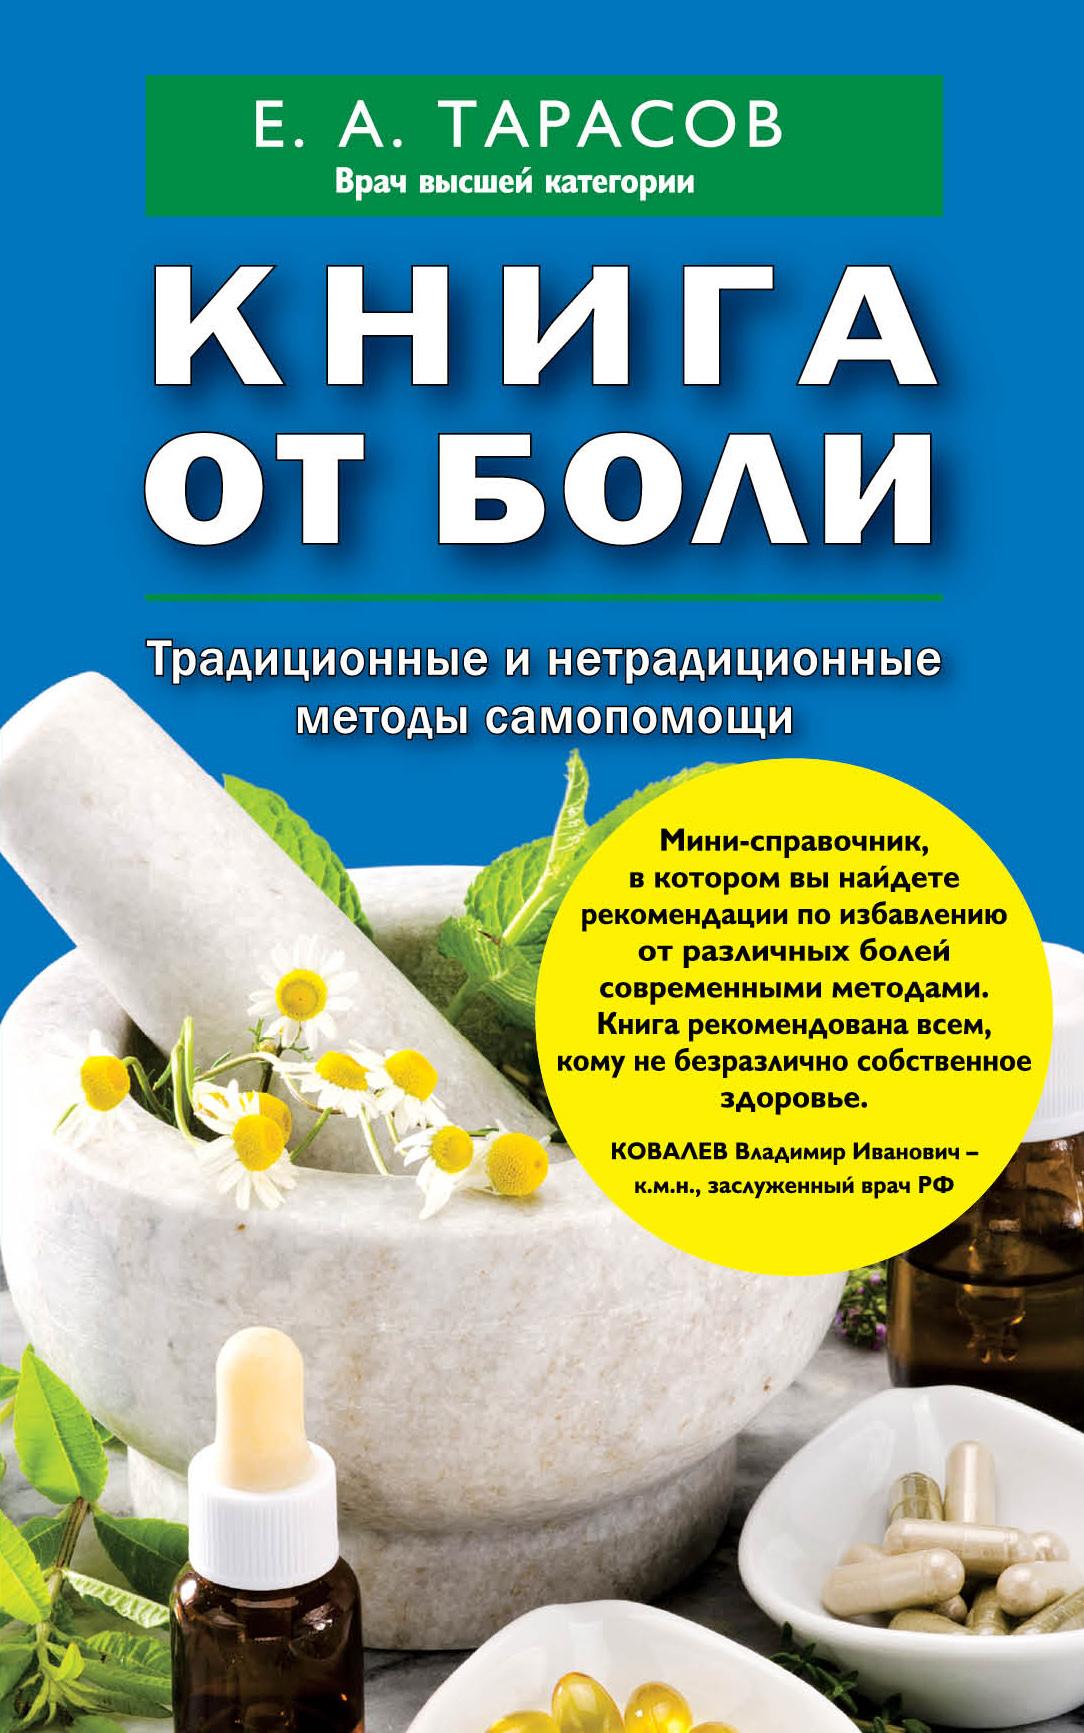 Тарасов Е.А. Книга от боли. Традиционные и нетрадиционные методы самопомощи